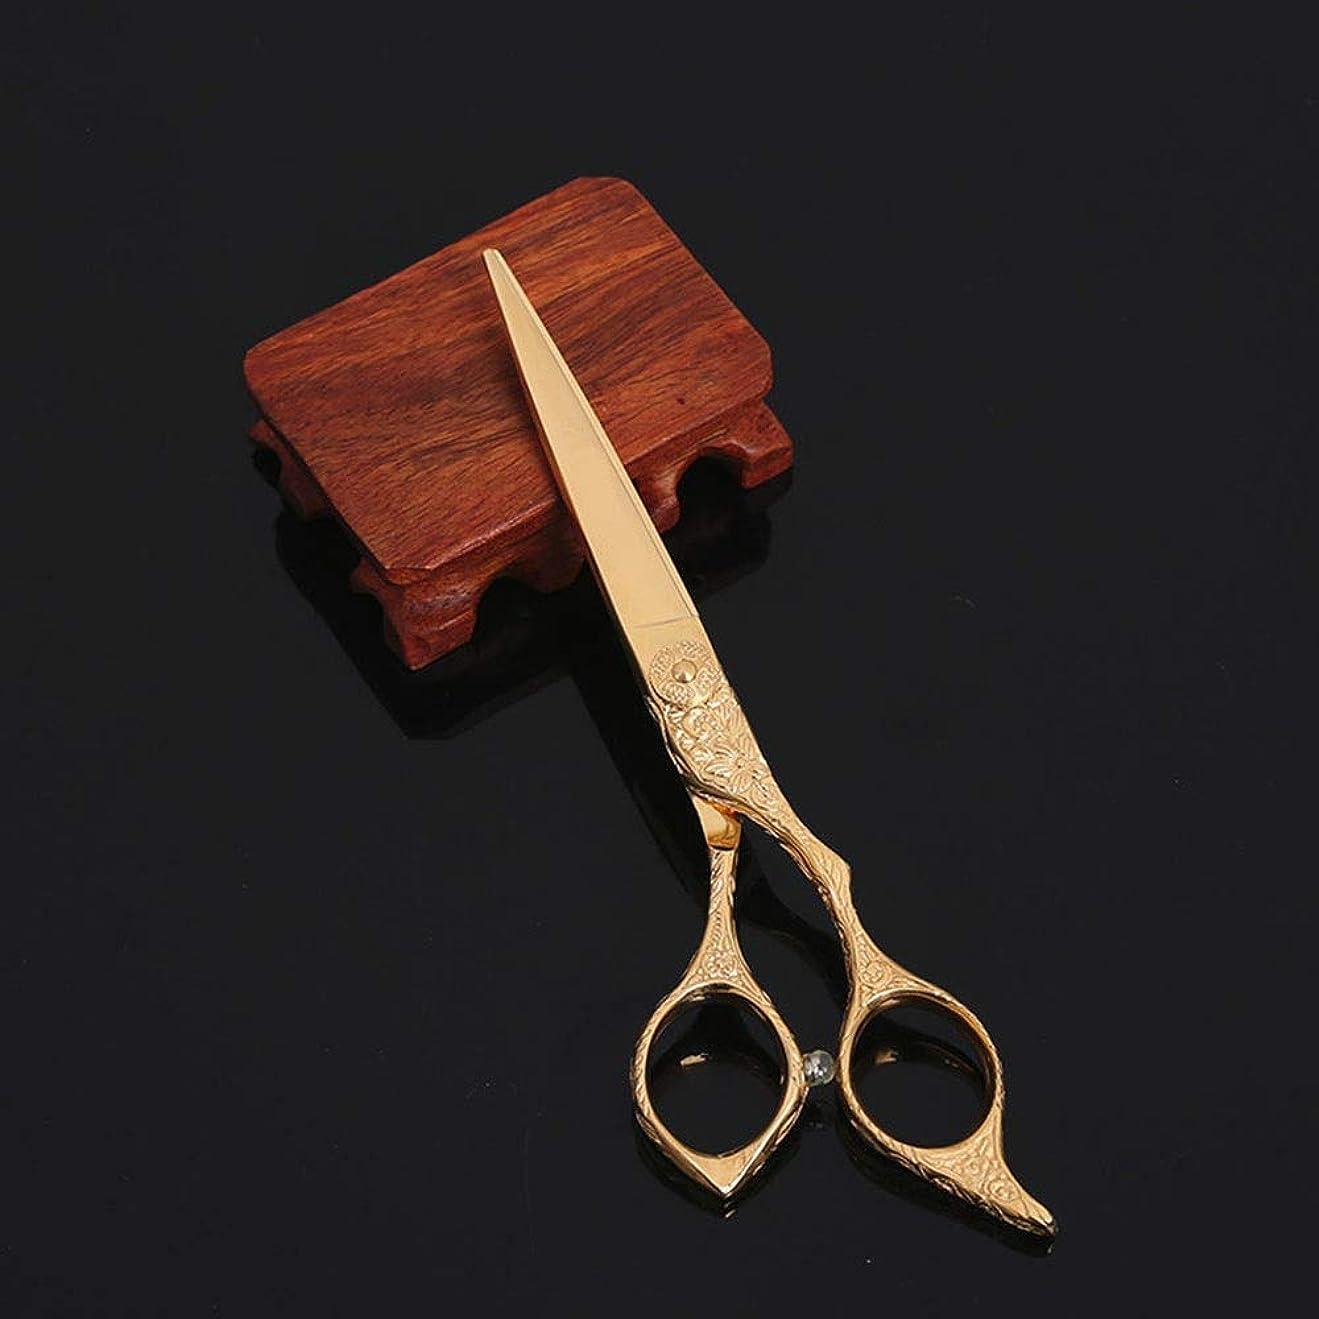 通知優先優先理髪用はさみ 6インチゴールド塗装ハイエンド理髪はさみ、プロの美容院はさみヘアカットはさみステンレス理髪はさみ (色 : ゴールド)